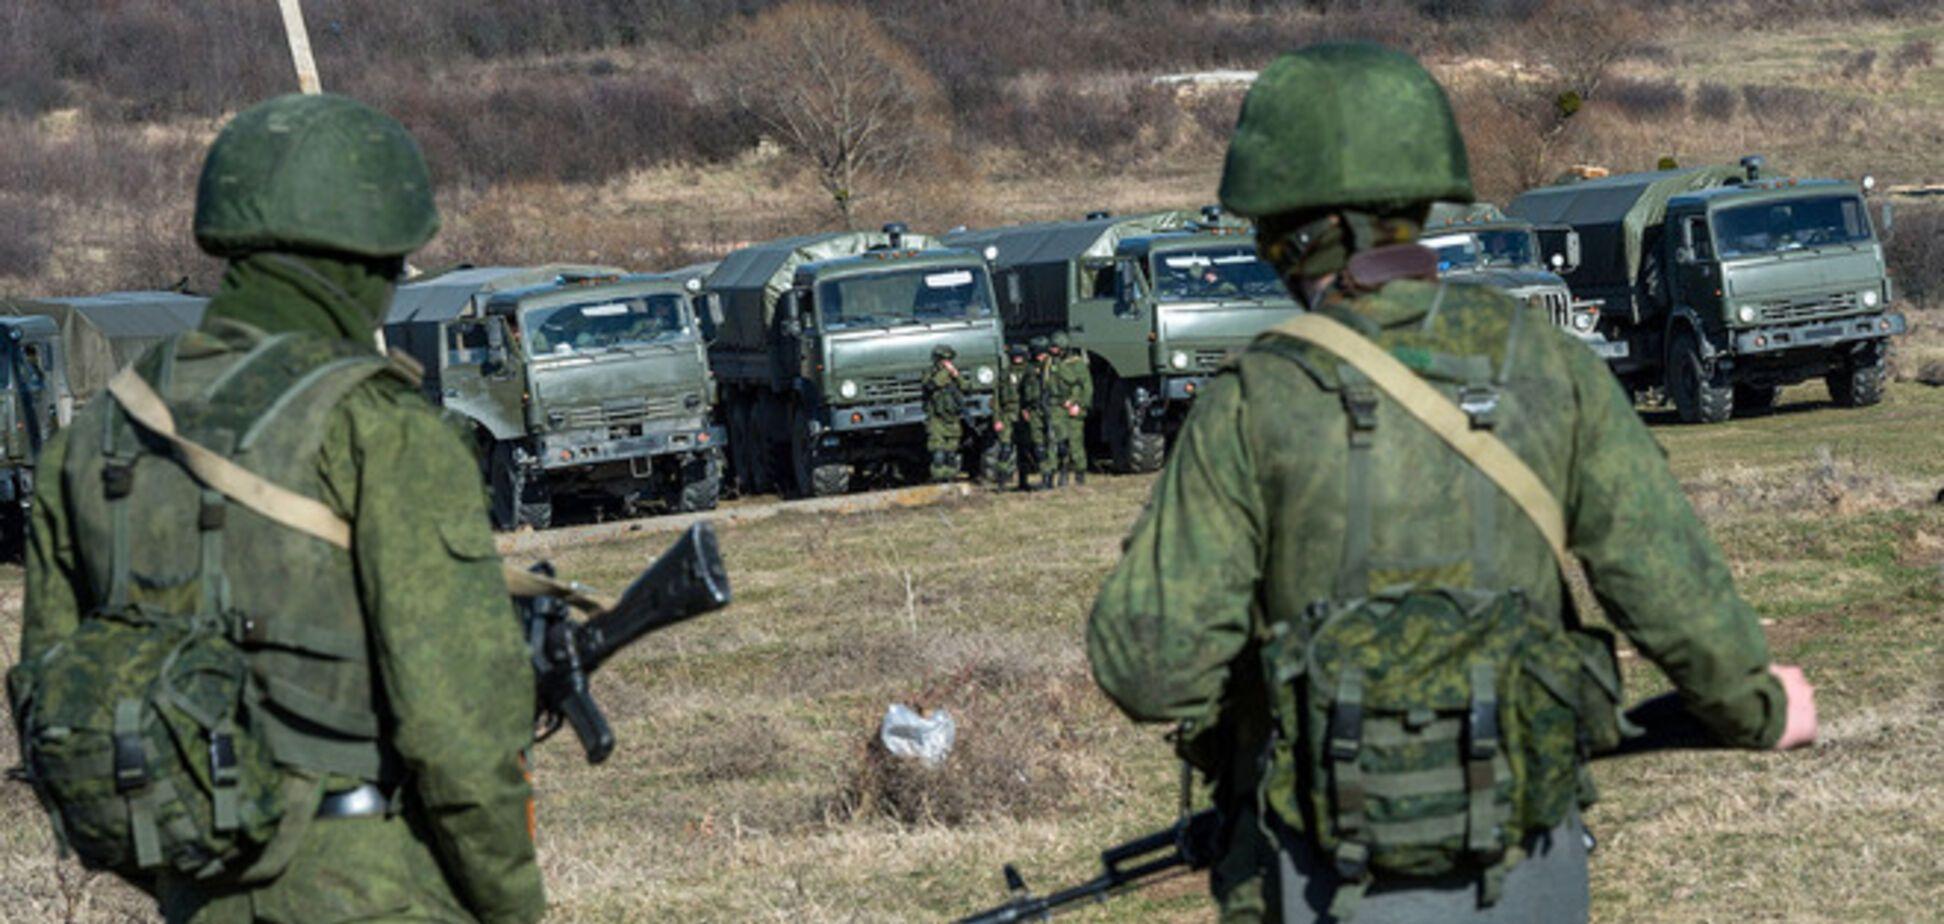 Потоки наемников из России стали плотнее, возвращается угроза полномасштабного вторжения - Тымчук